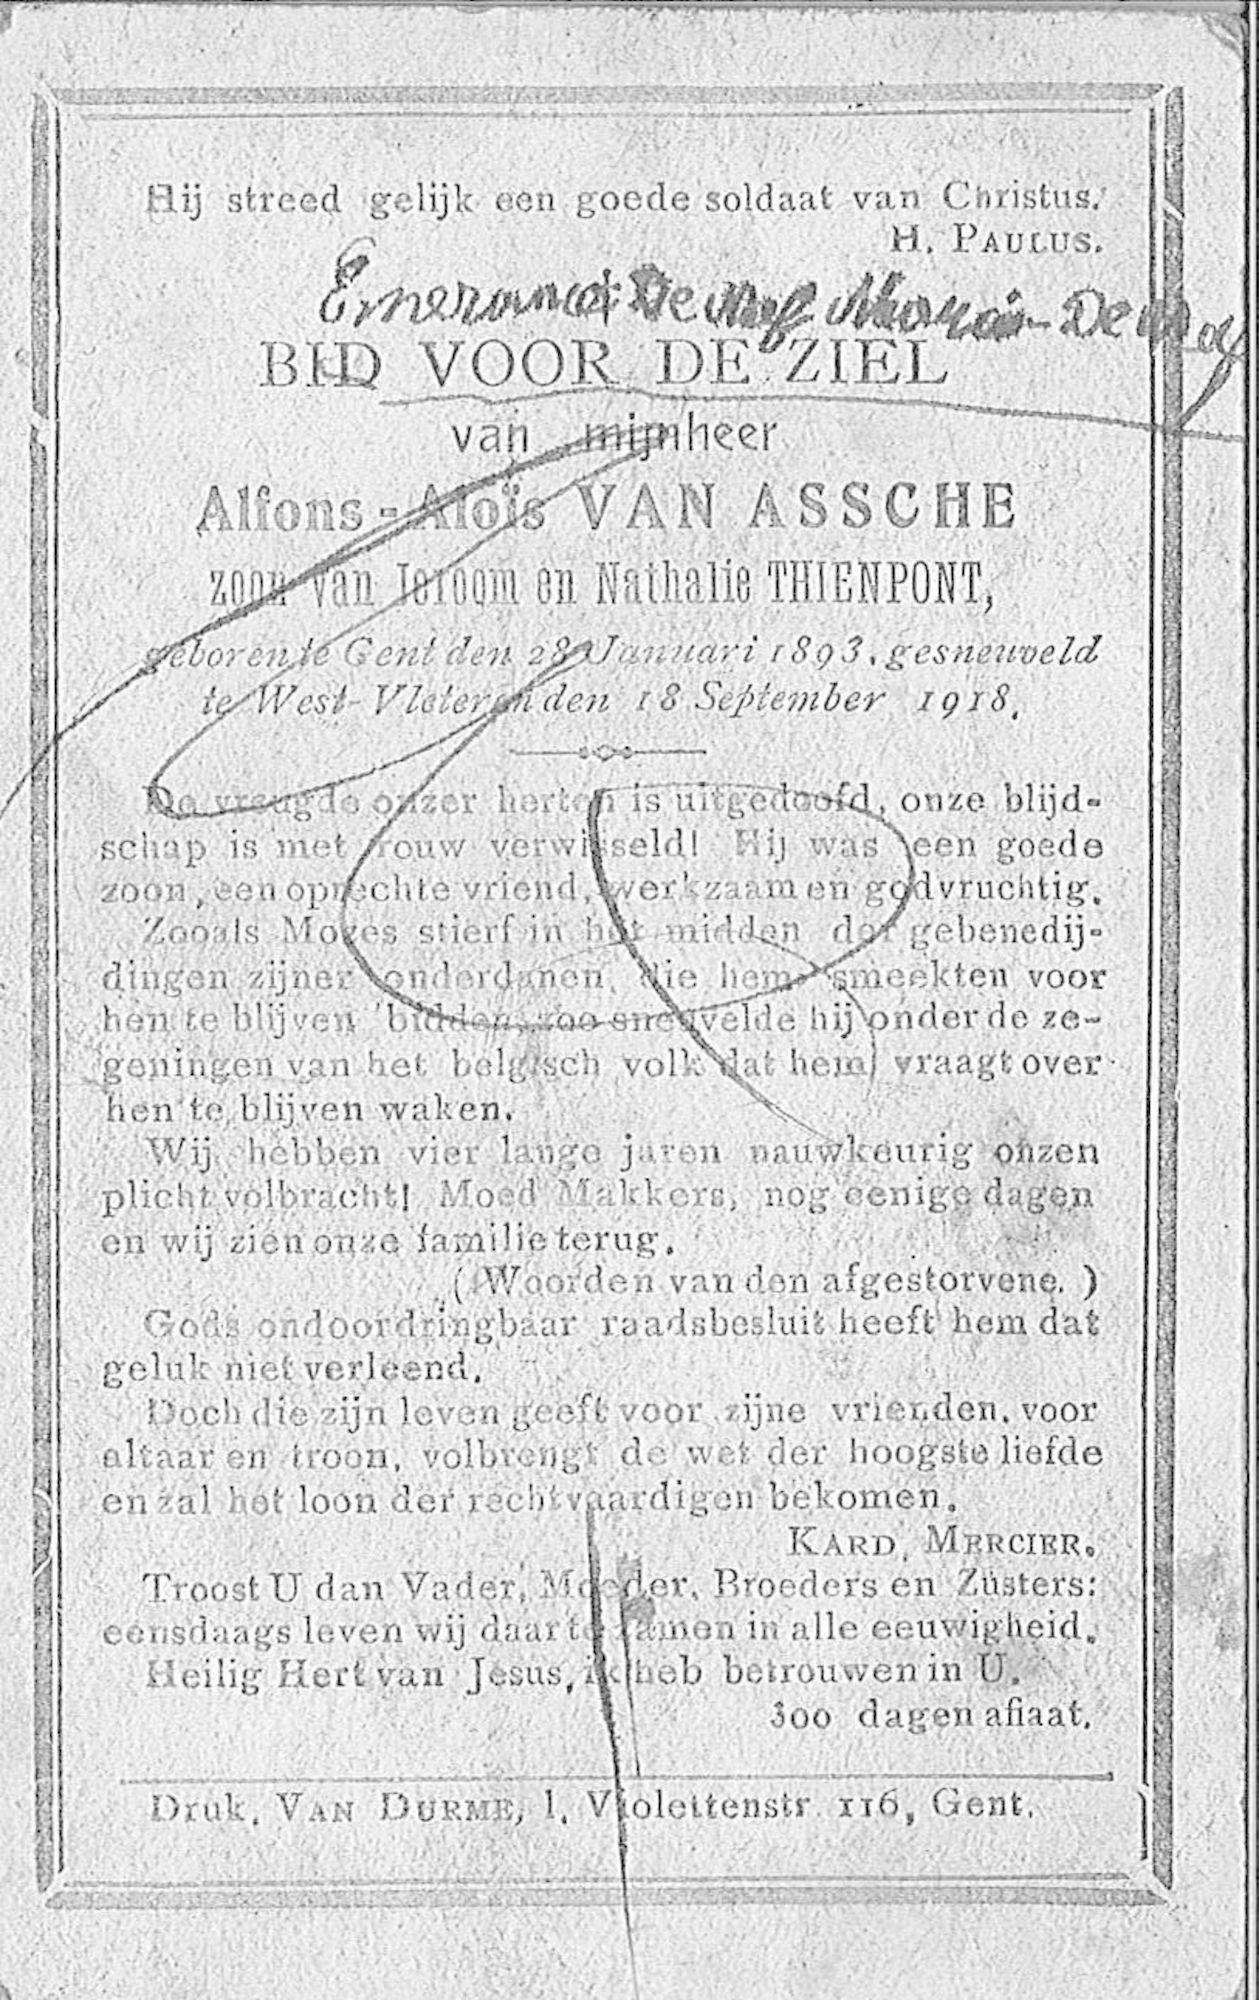 Alfons-Aloïs Van Assche